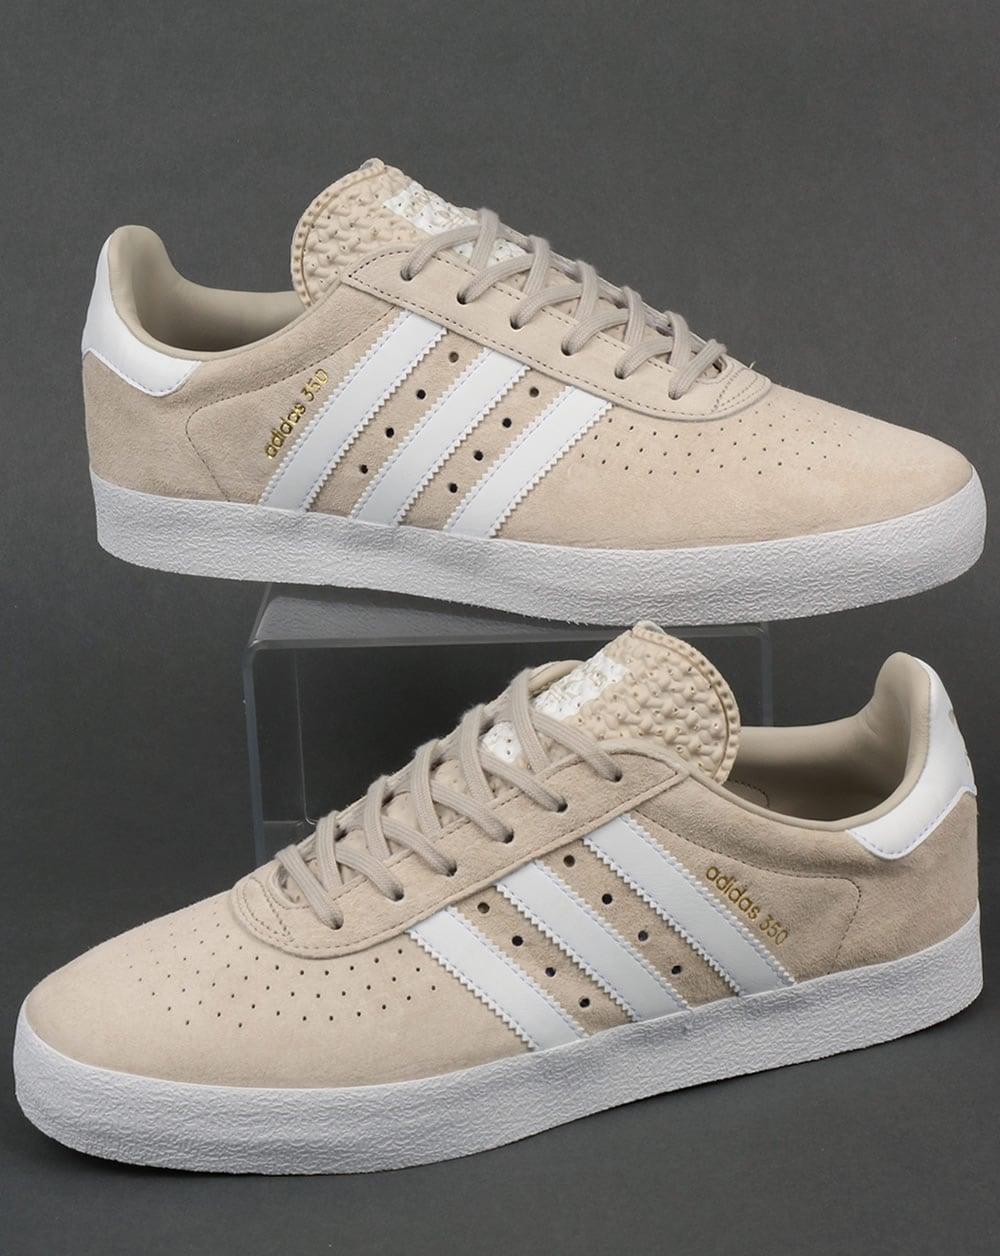 adidas 350 white off